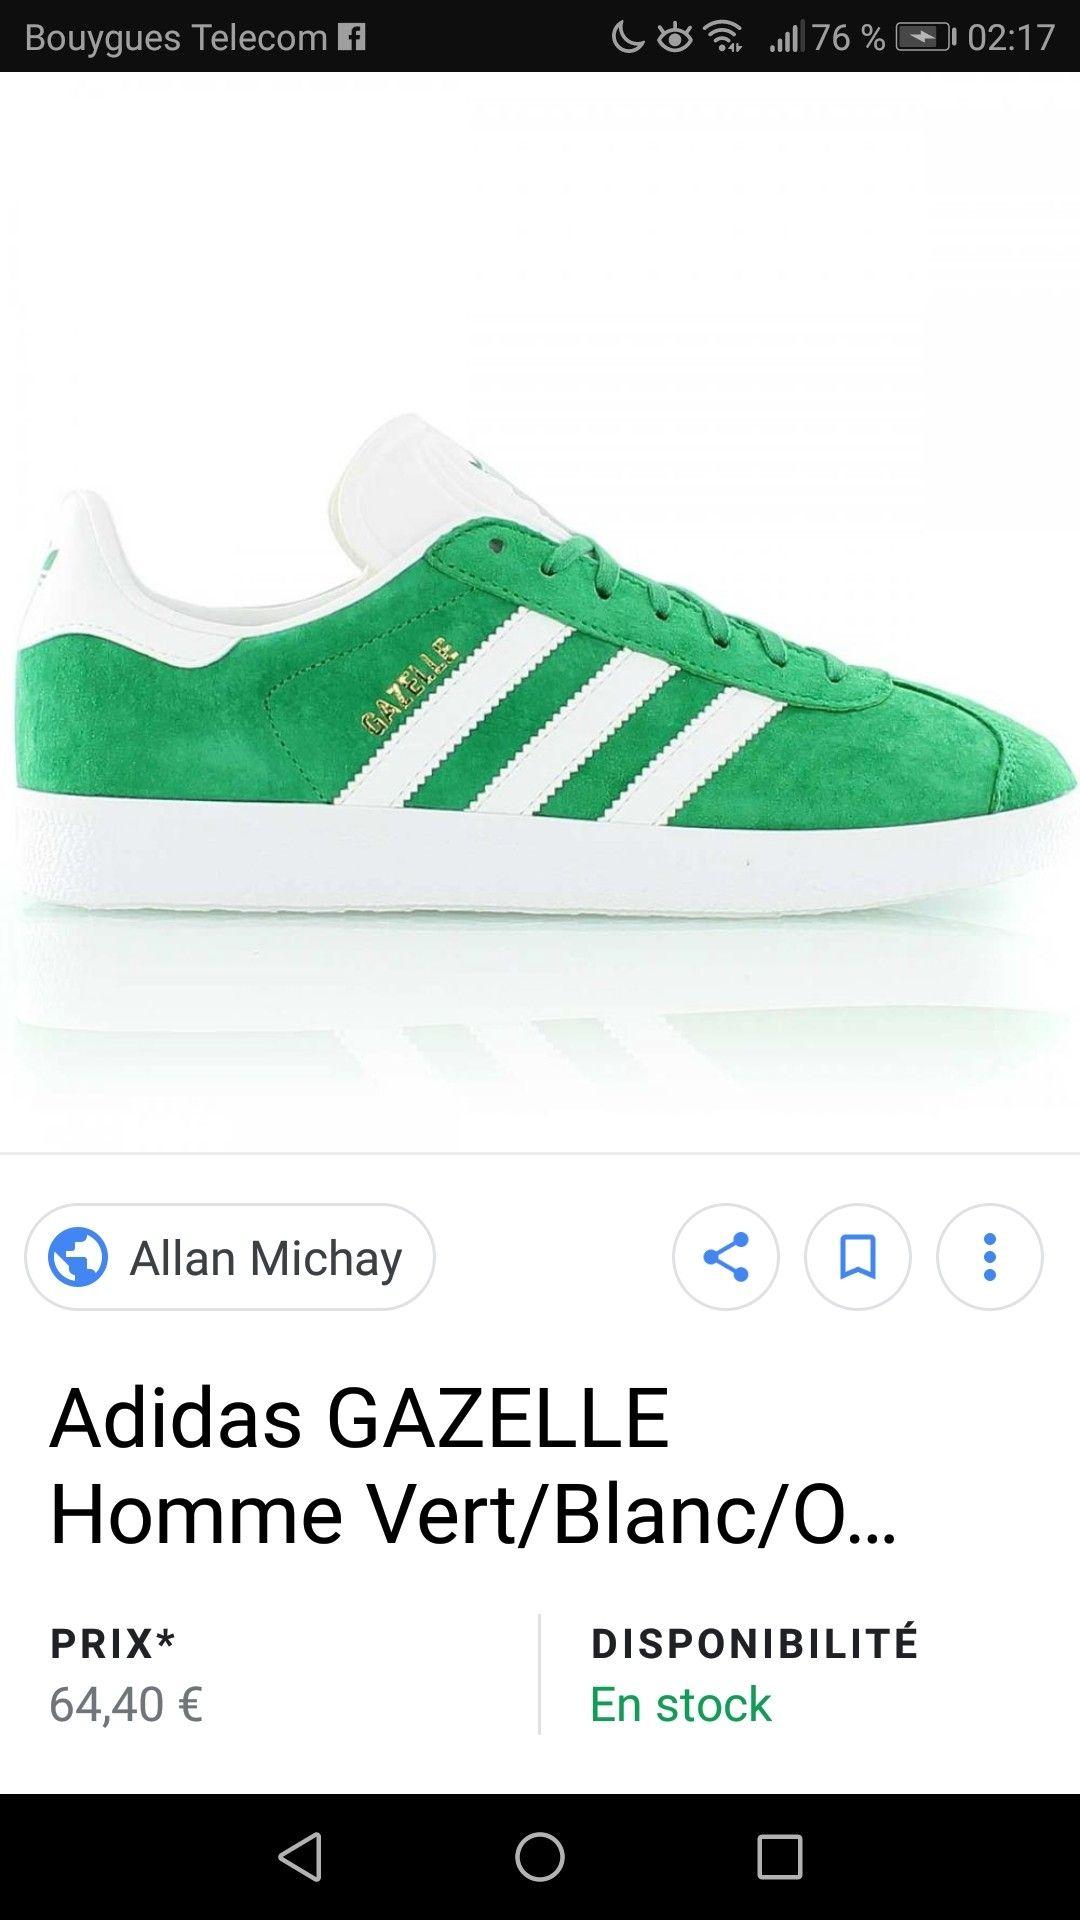 Pin by Konrad B. on Chaussures   Shoes, Adidas gazelle, Adidas ...